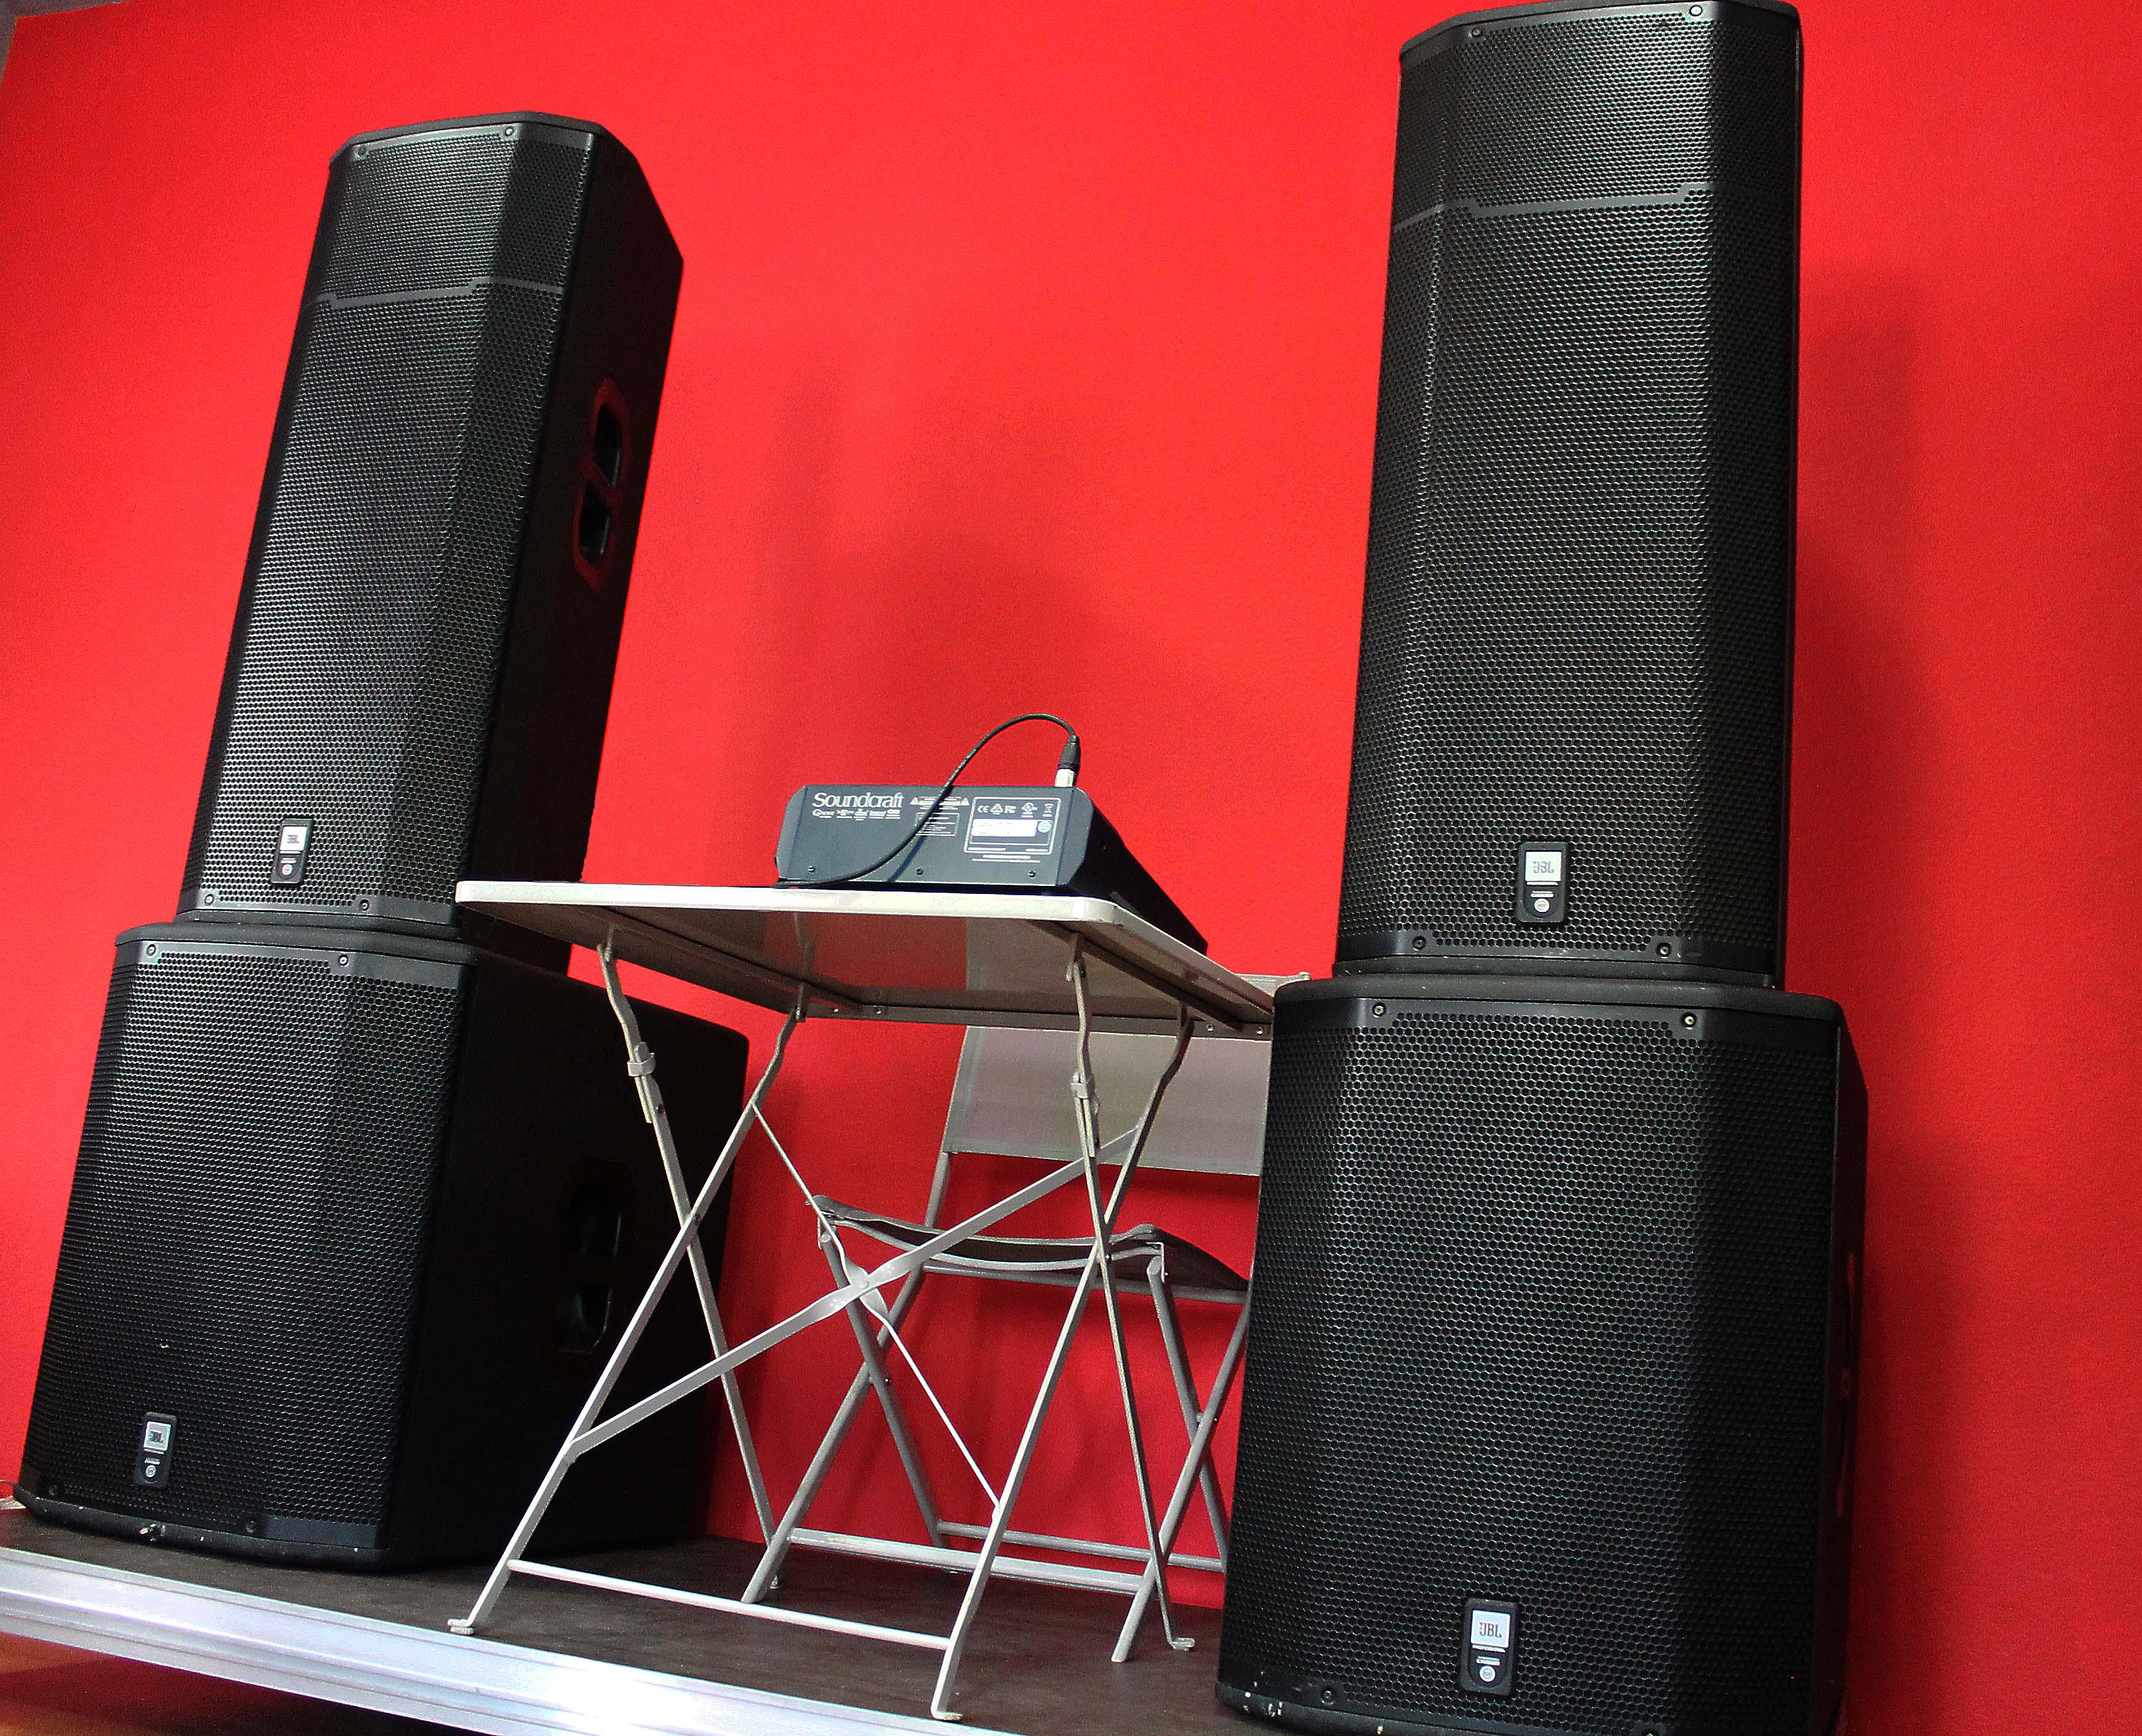 Аренда звукового комплекта 2xJBL PRX625+2xJBL PRX628XL+микшерный пульт в Украине